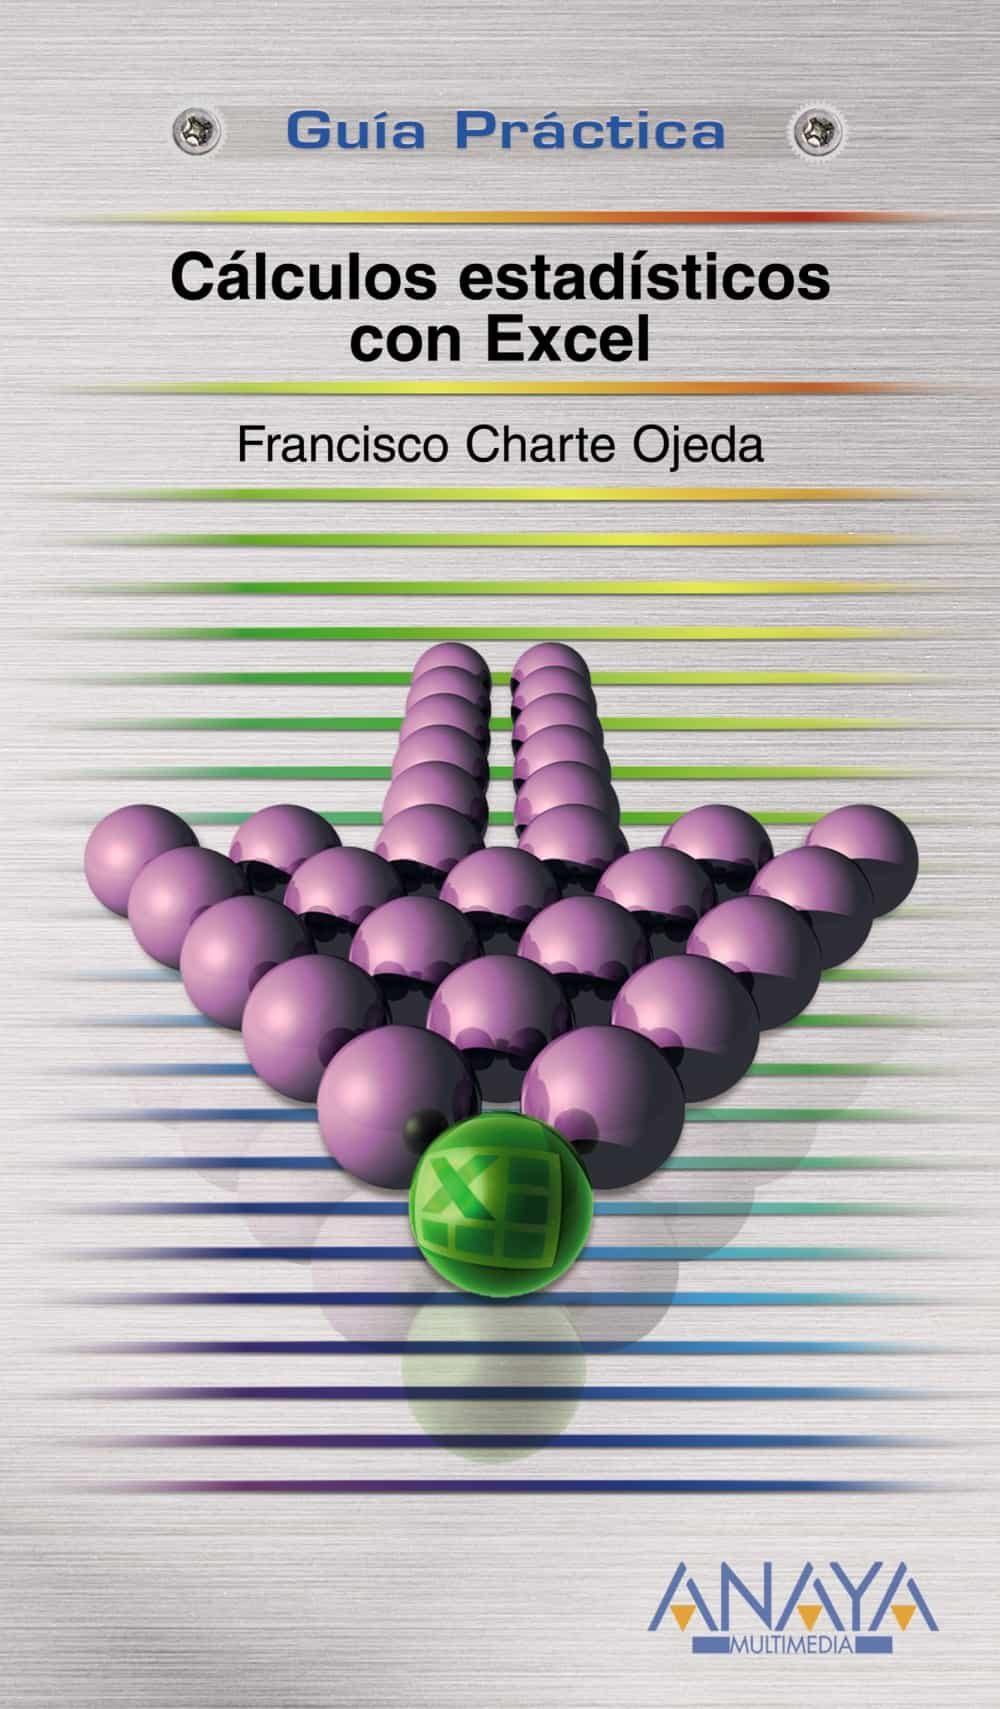 Caculos Estadisticos Con Excel - Charte Ojeda Francisco